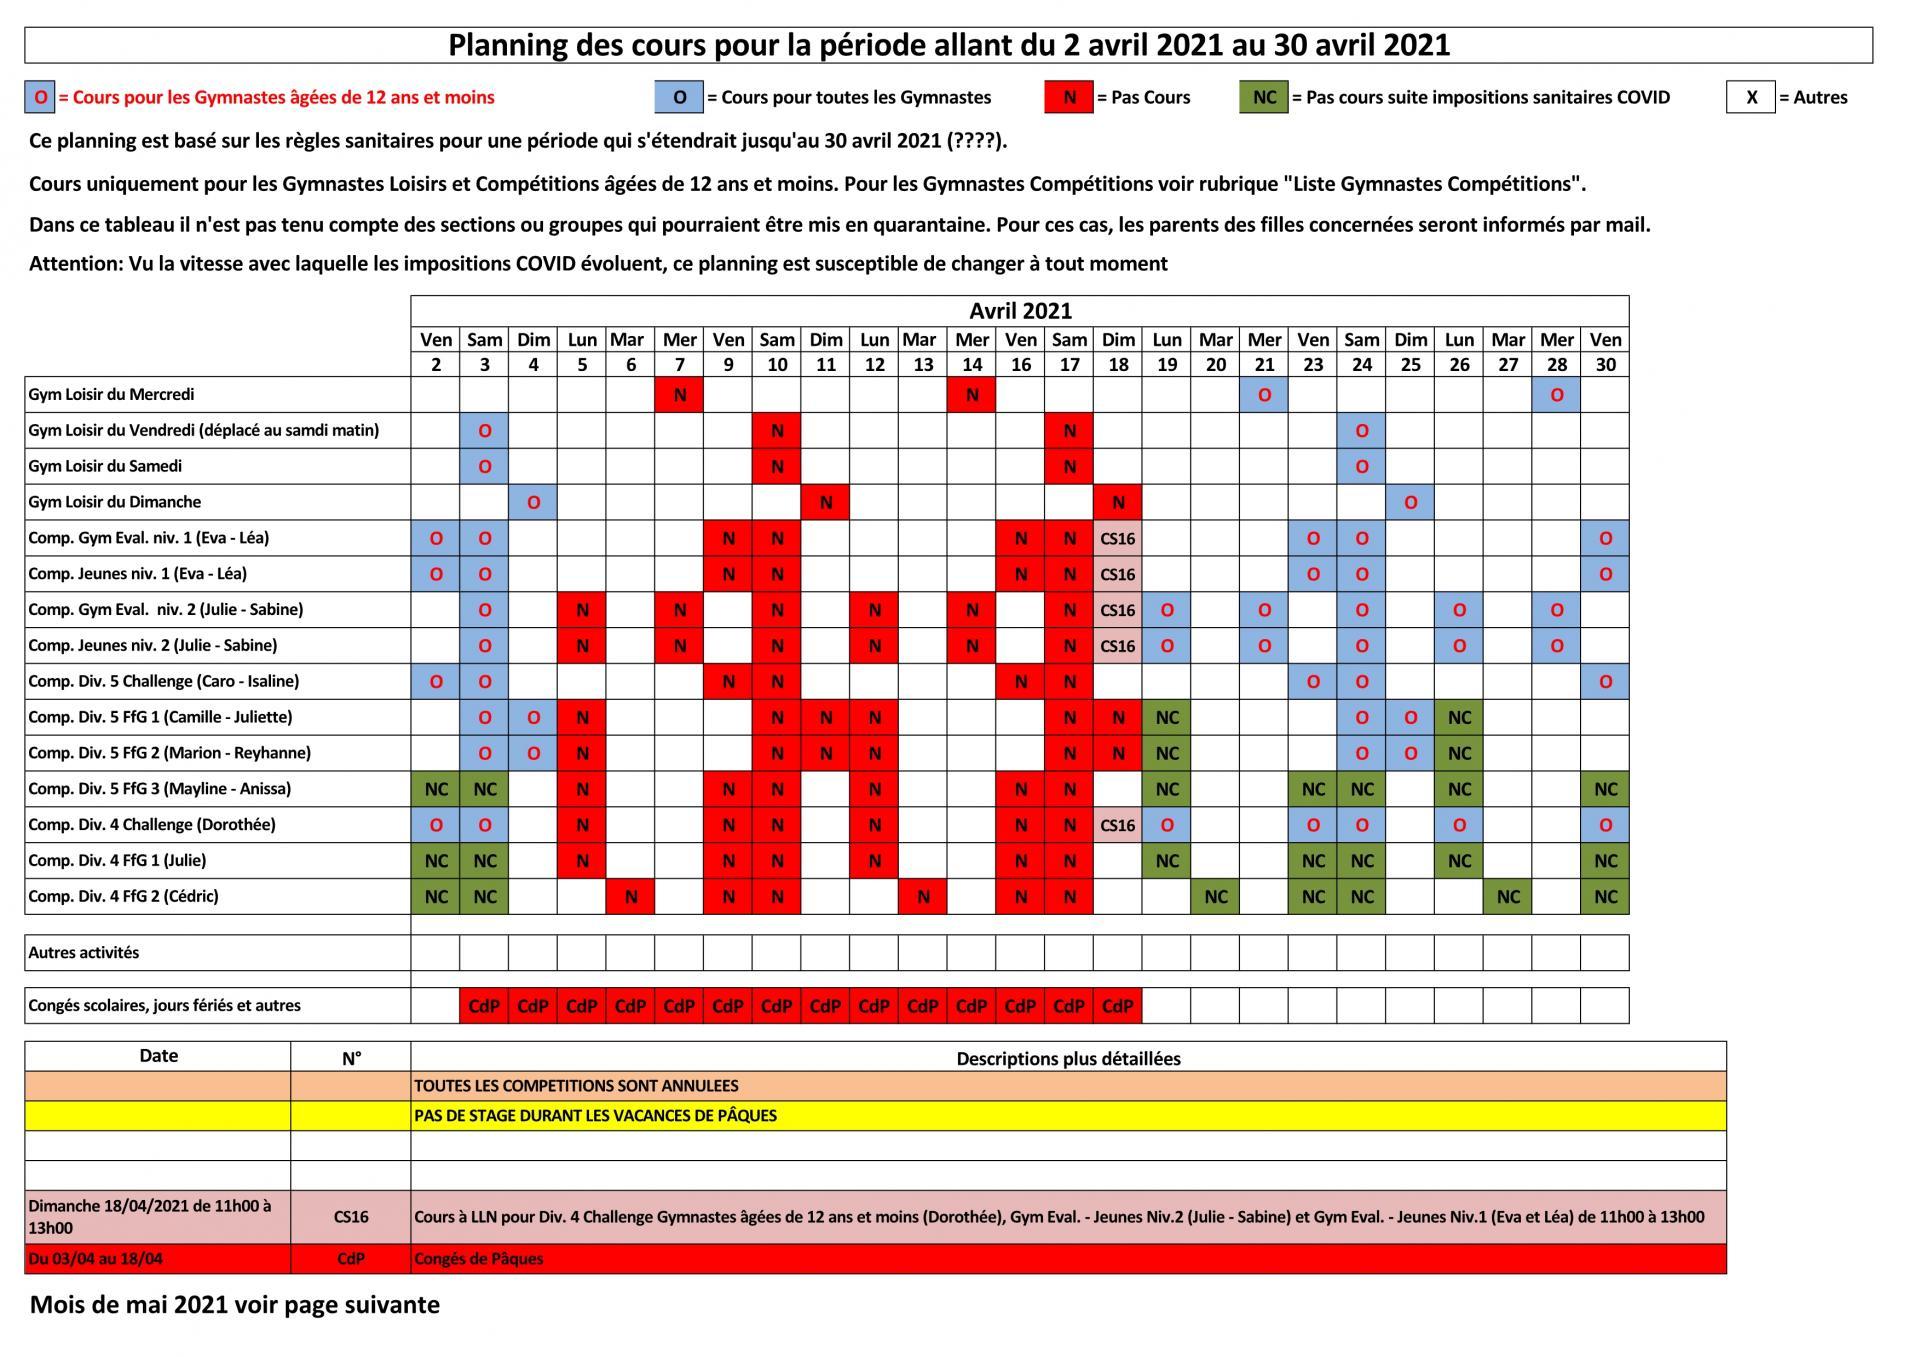 20210401 planning des cours suite covid page1